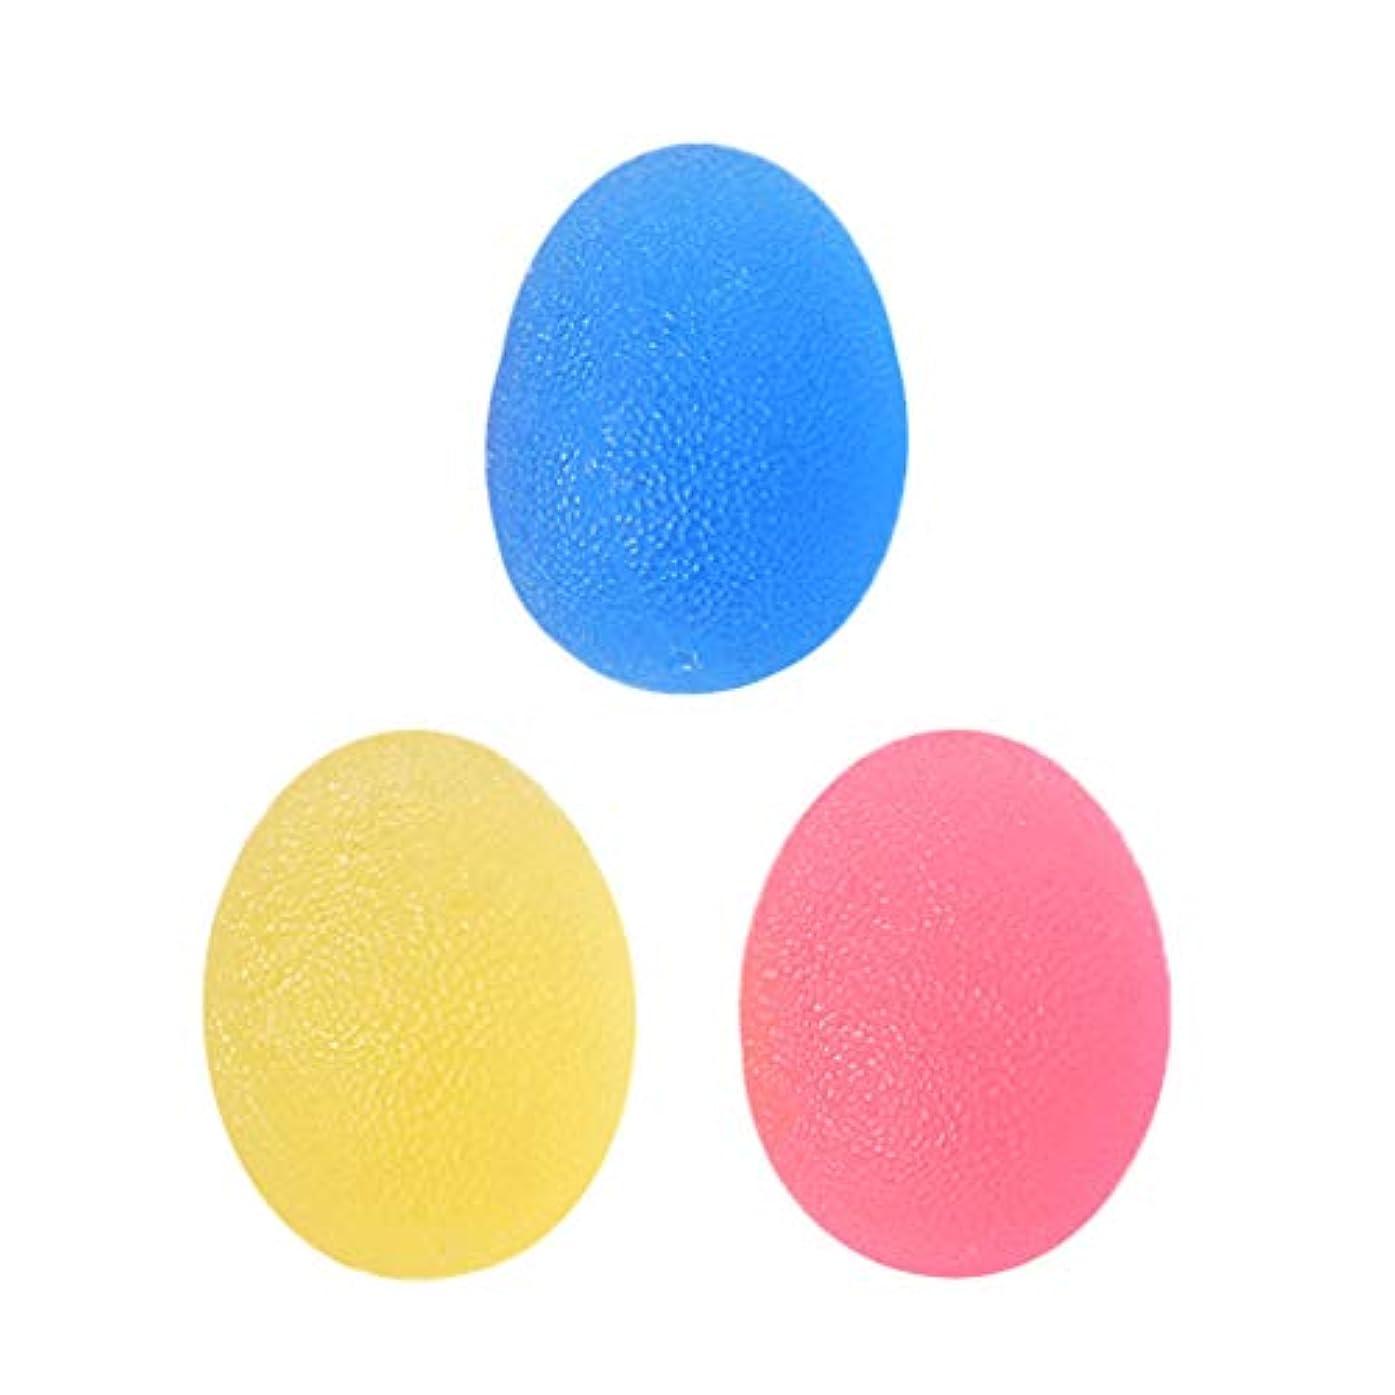 視力必需品肥満3個 ハンド スクイズボール エクササイザボール 指 手のひら 運動 グリップ